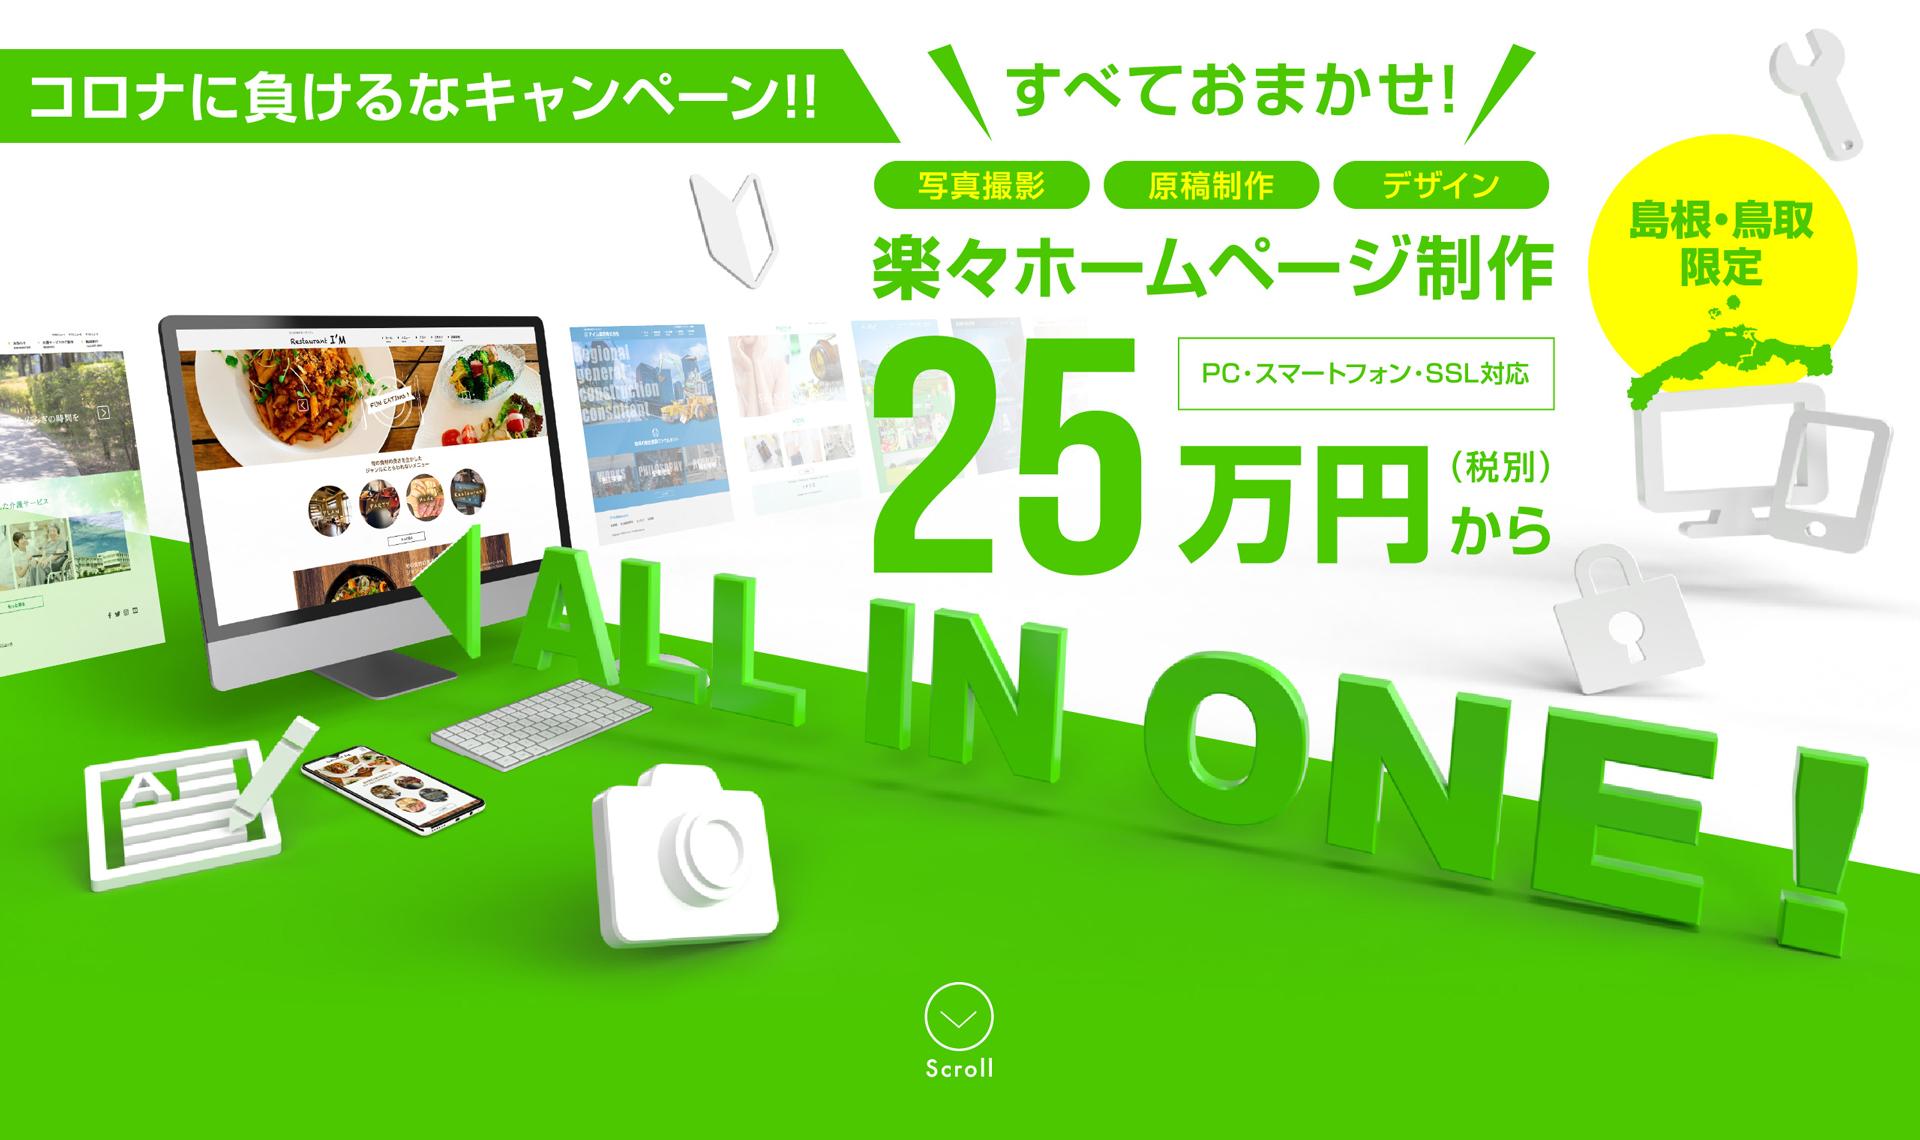 コロナに負けるなキャンペーン!! 楽々ホームページ制作 25万円(税別)から